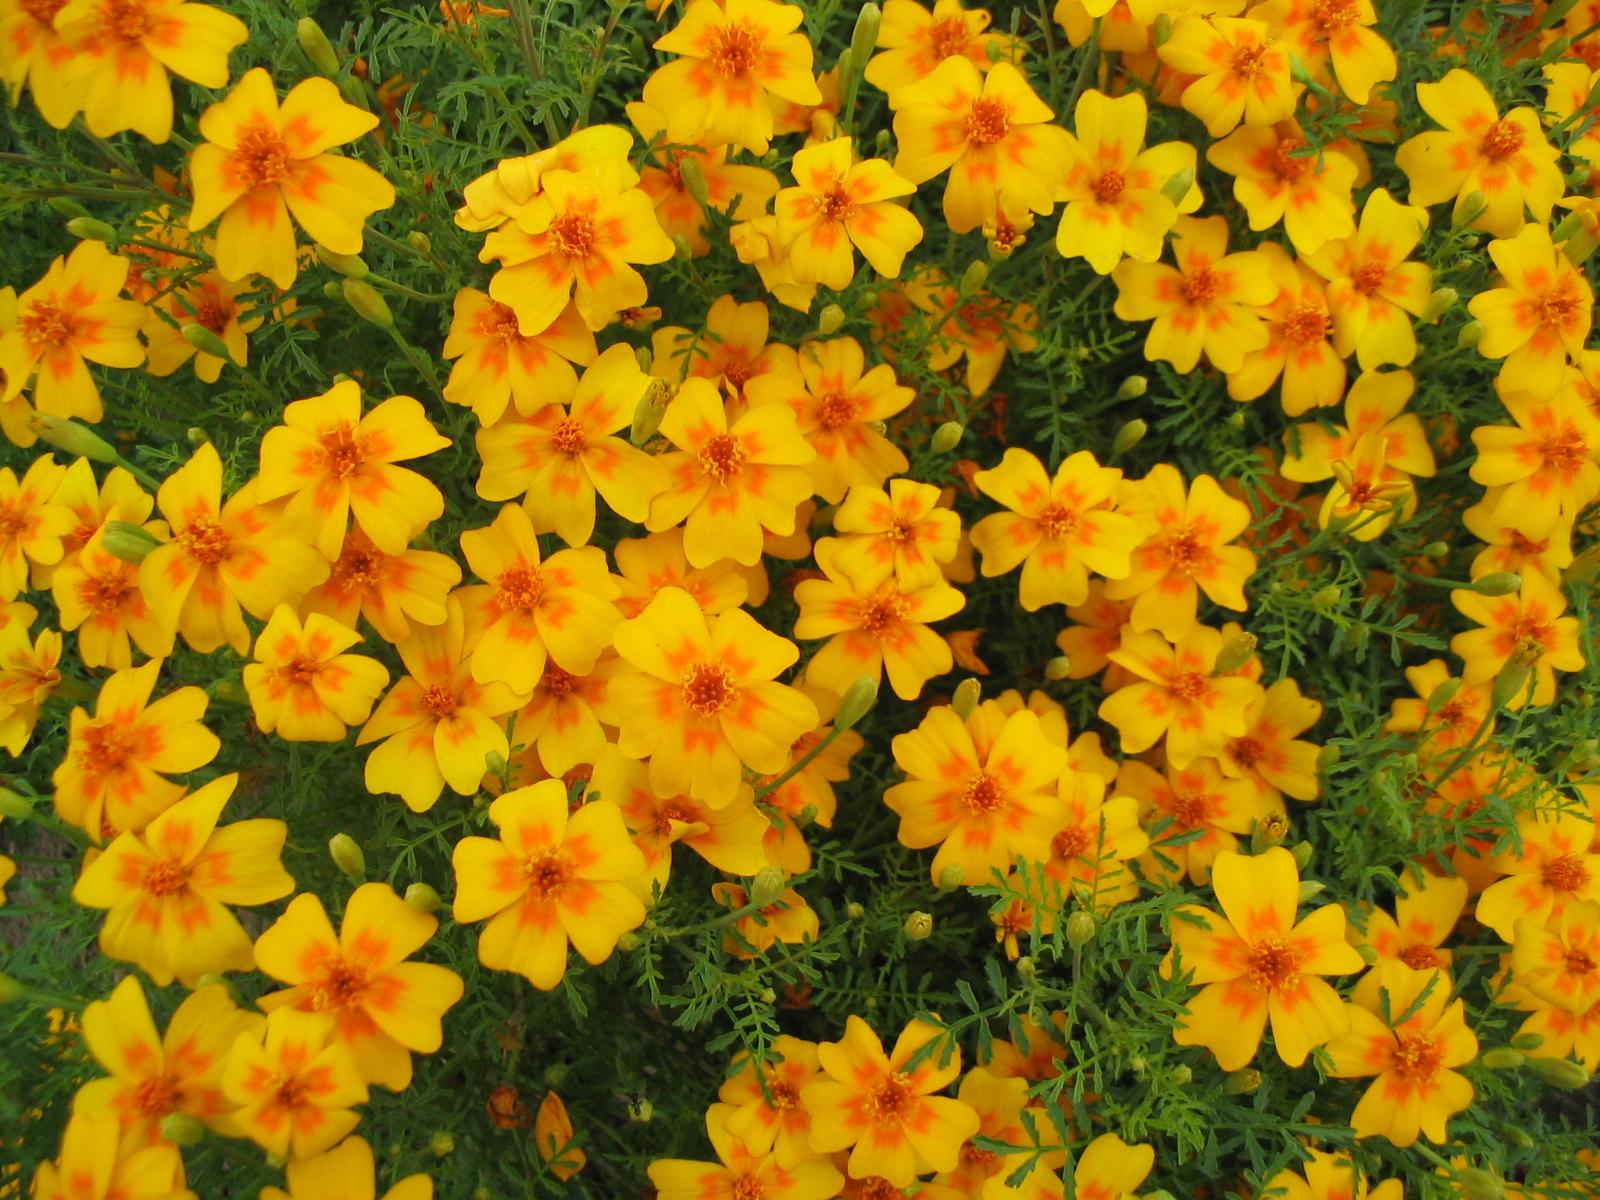 Tagetes tenuifolia g122.JPG